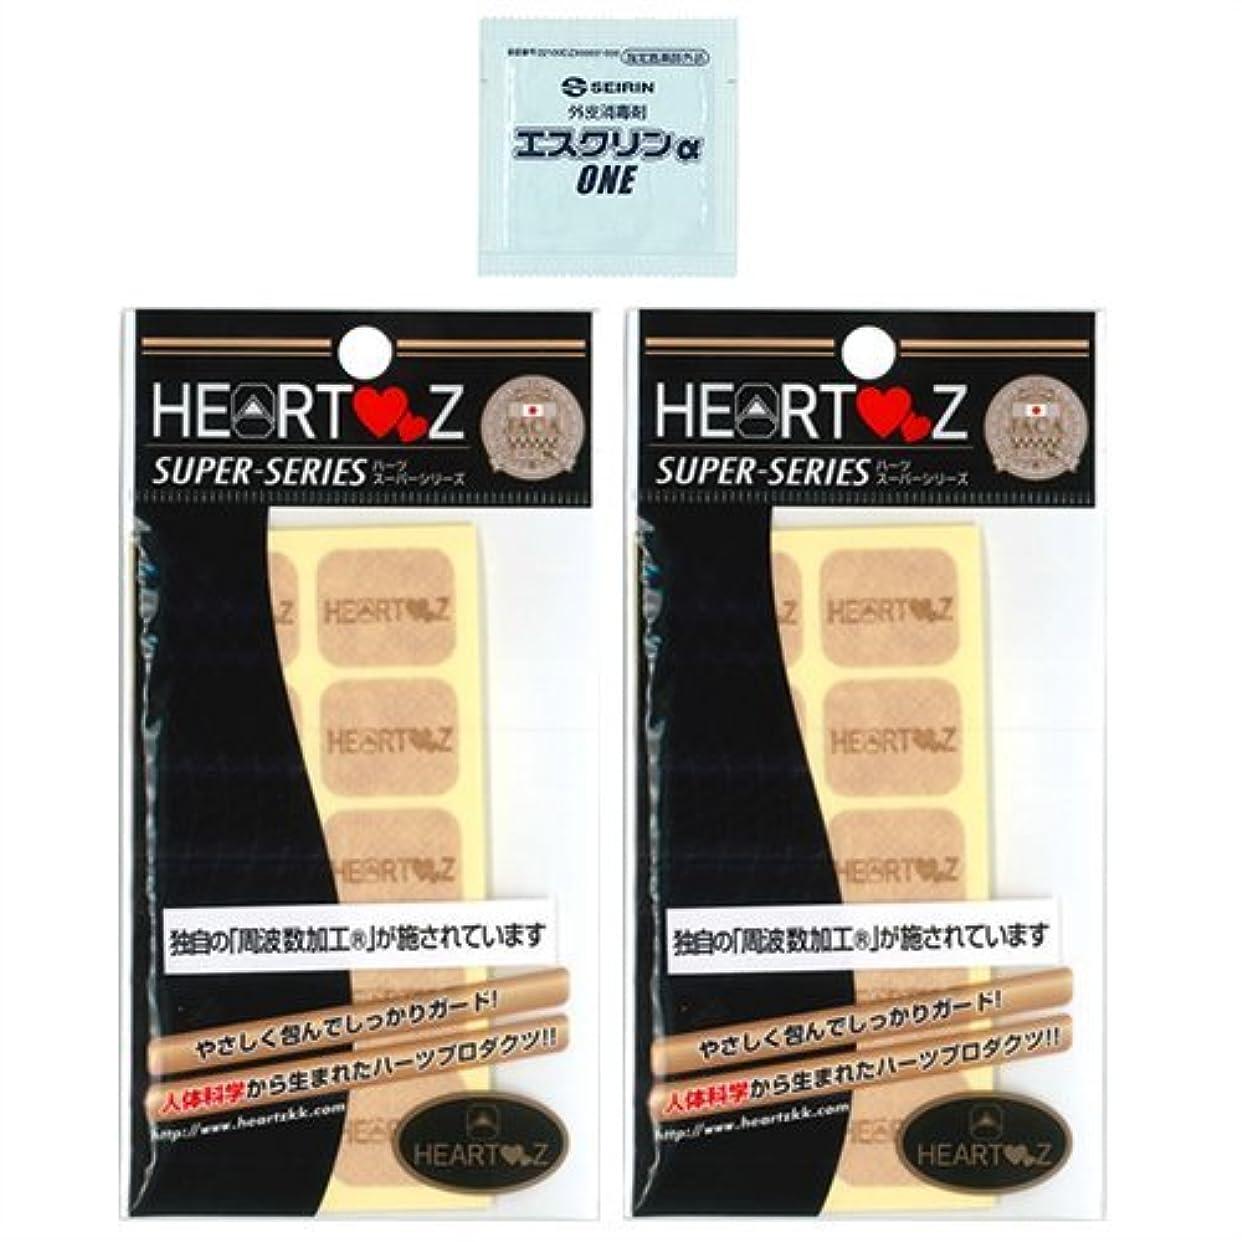 ジョリーマニアック特異な【HEARTZ(ハーツ)】ハーツスーパーシール レギュラータイプ 80枚入×2個セット (計160枚) + エスクリンαONEx1個 セット